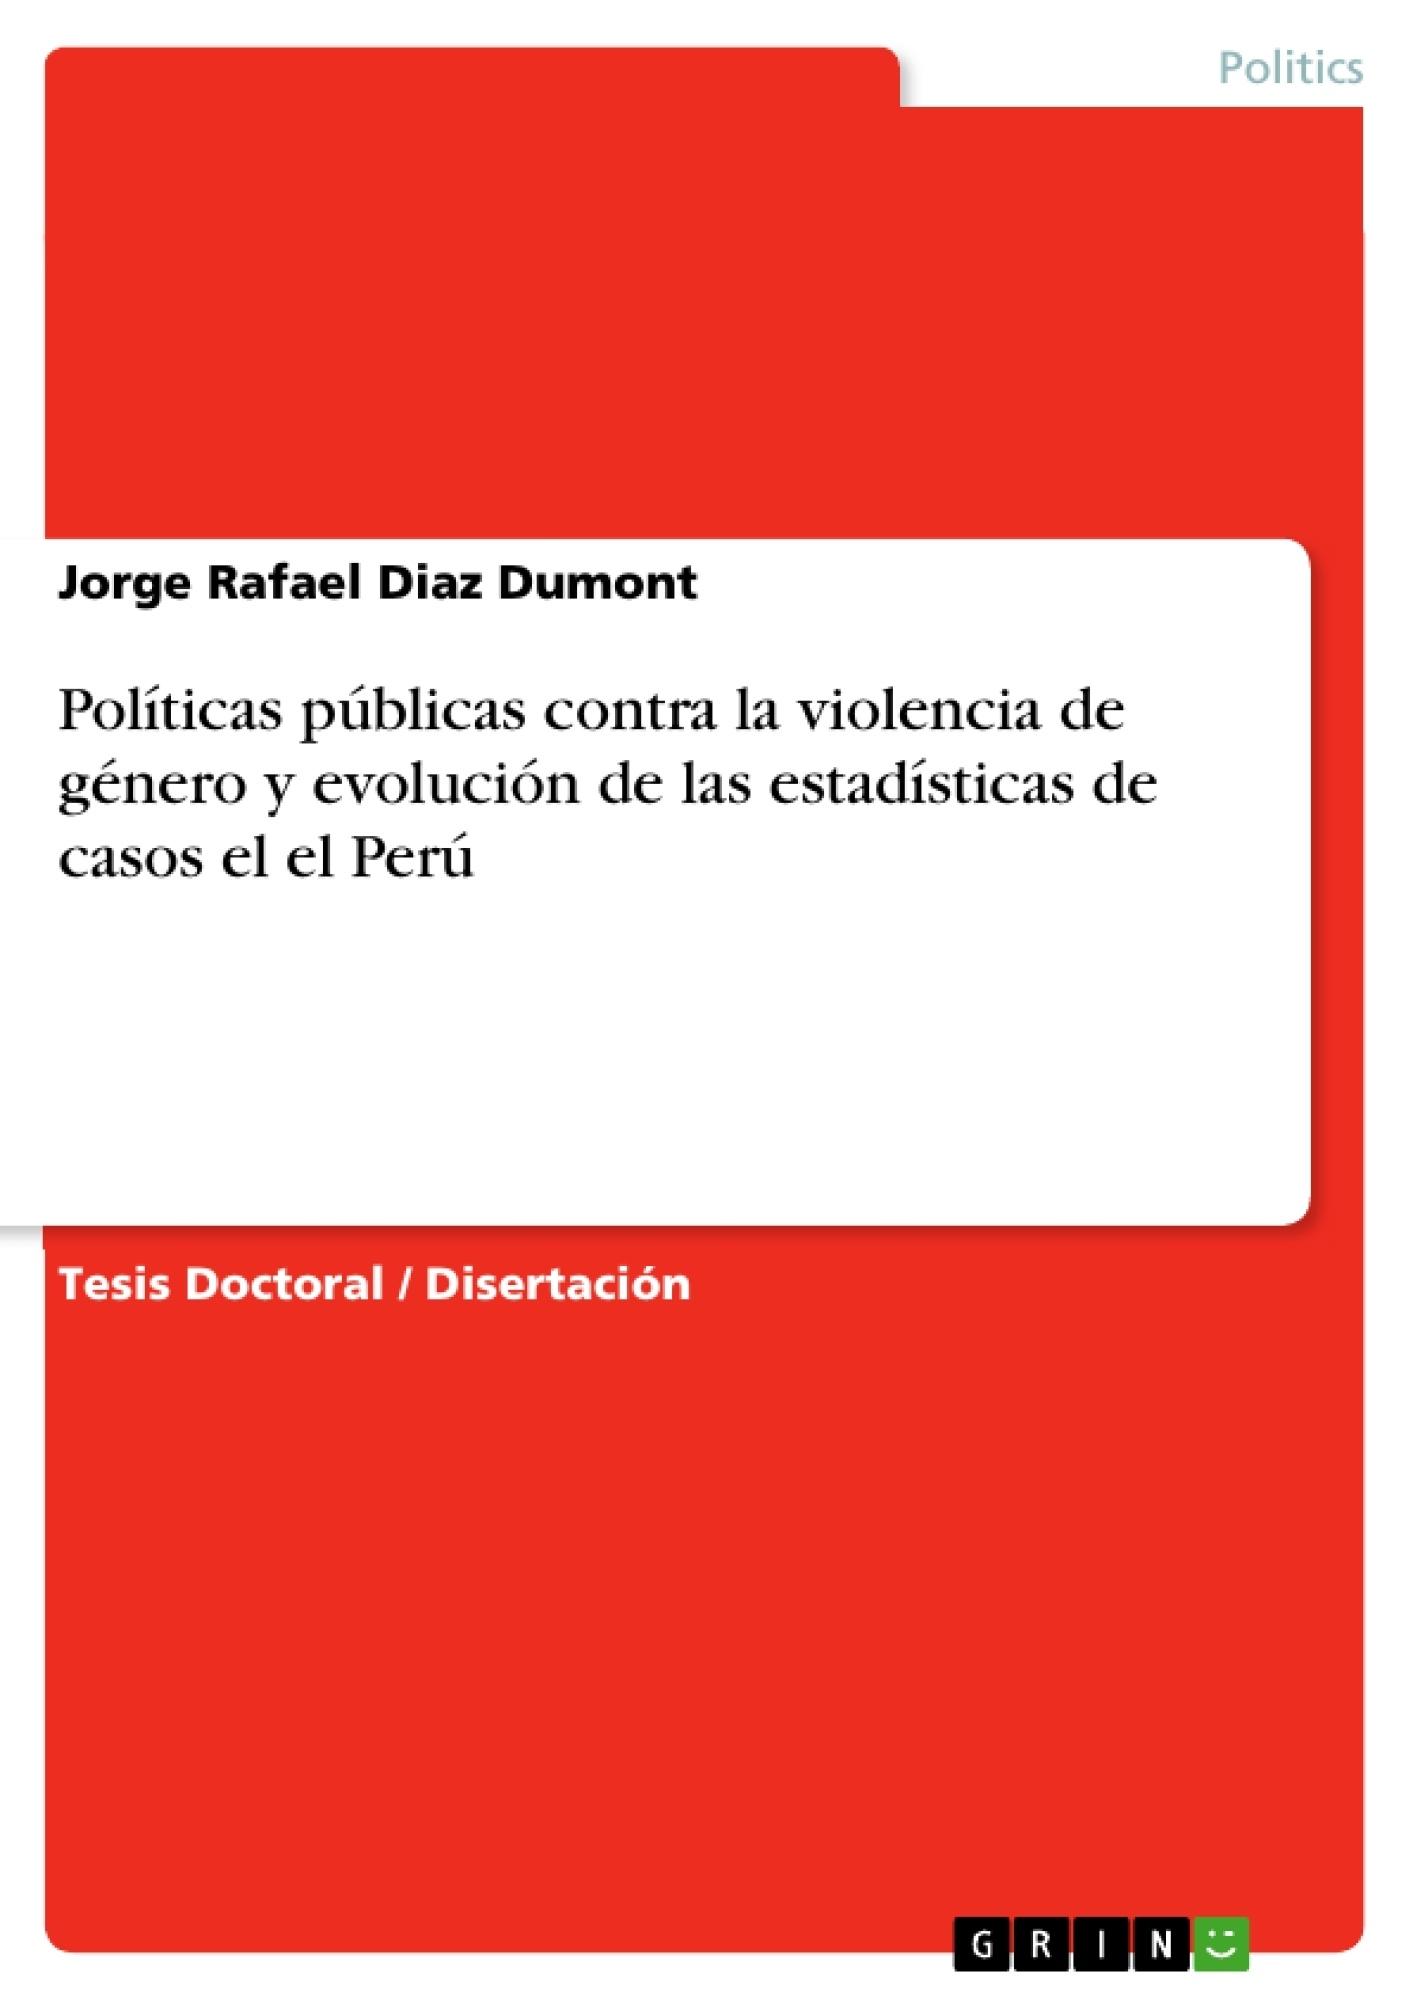 Título: Políticas públicas contra la violencia de género y evolución de las estadísticas de casos el el Perú